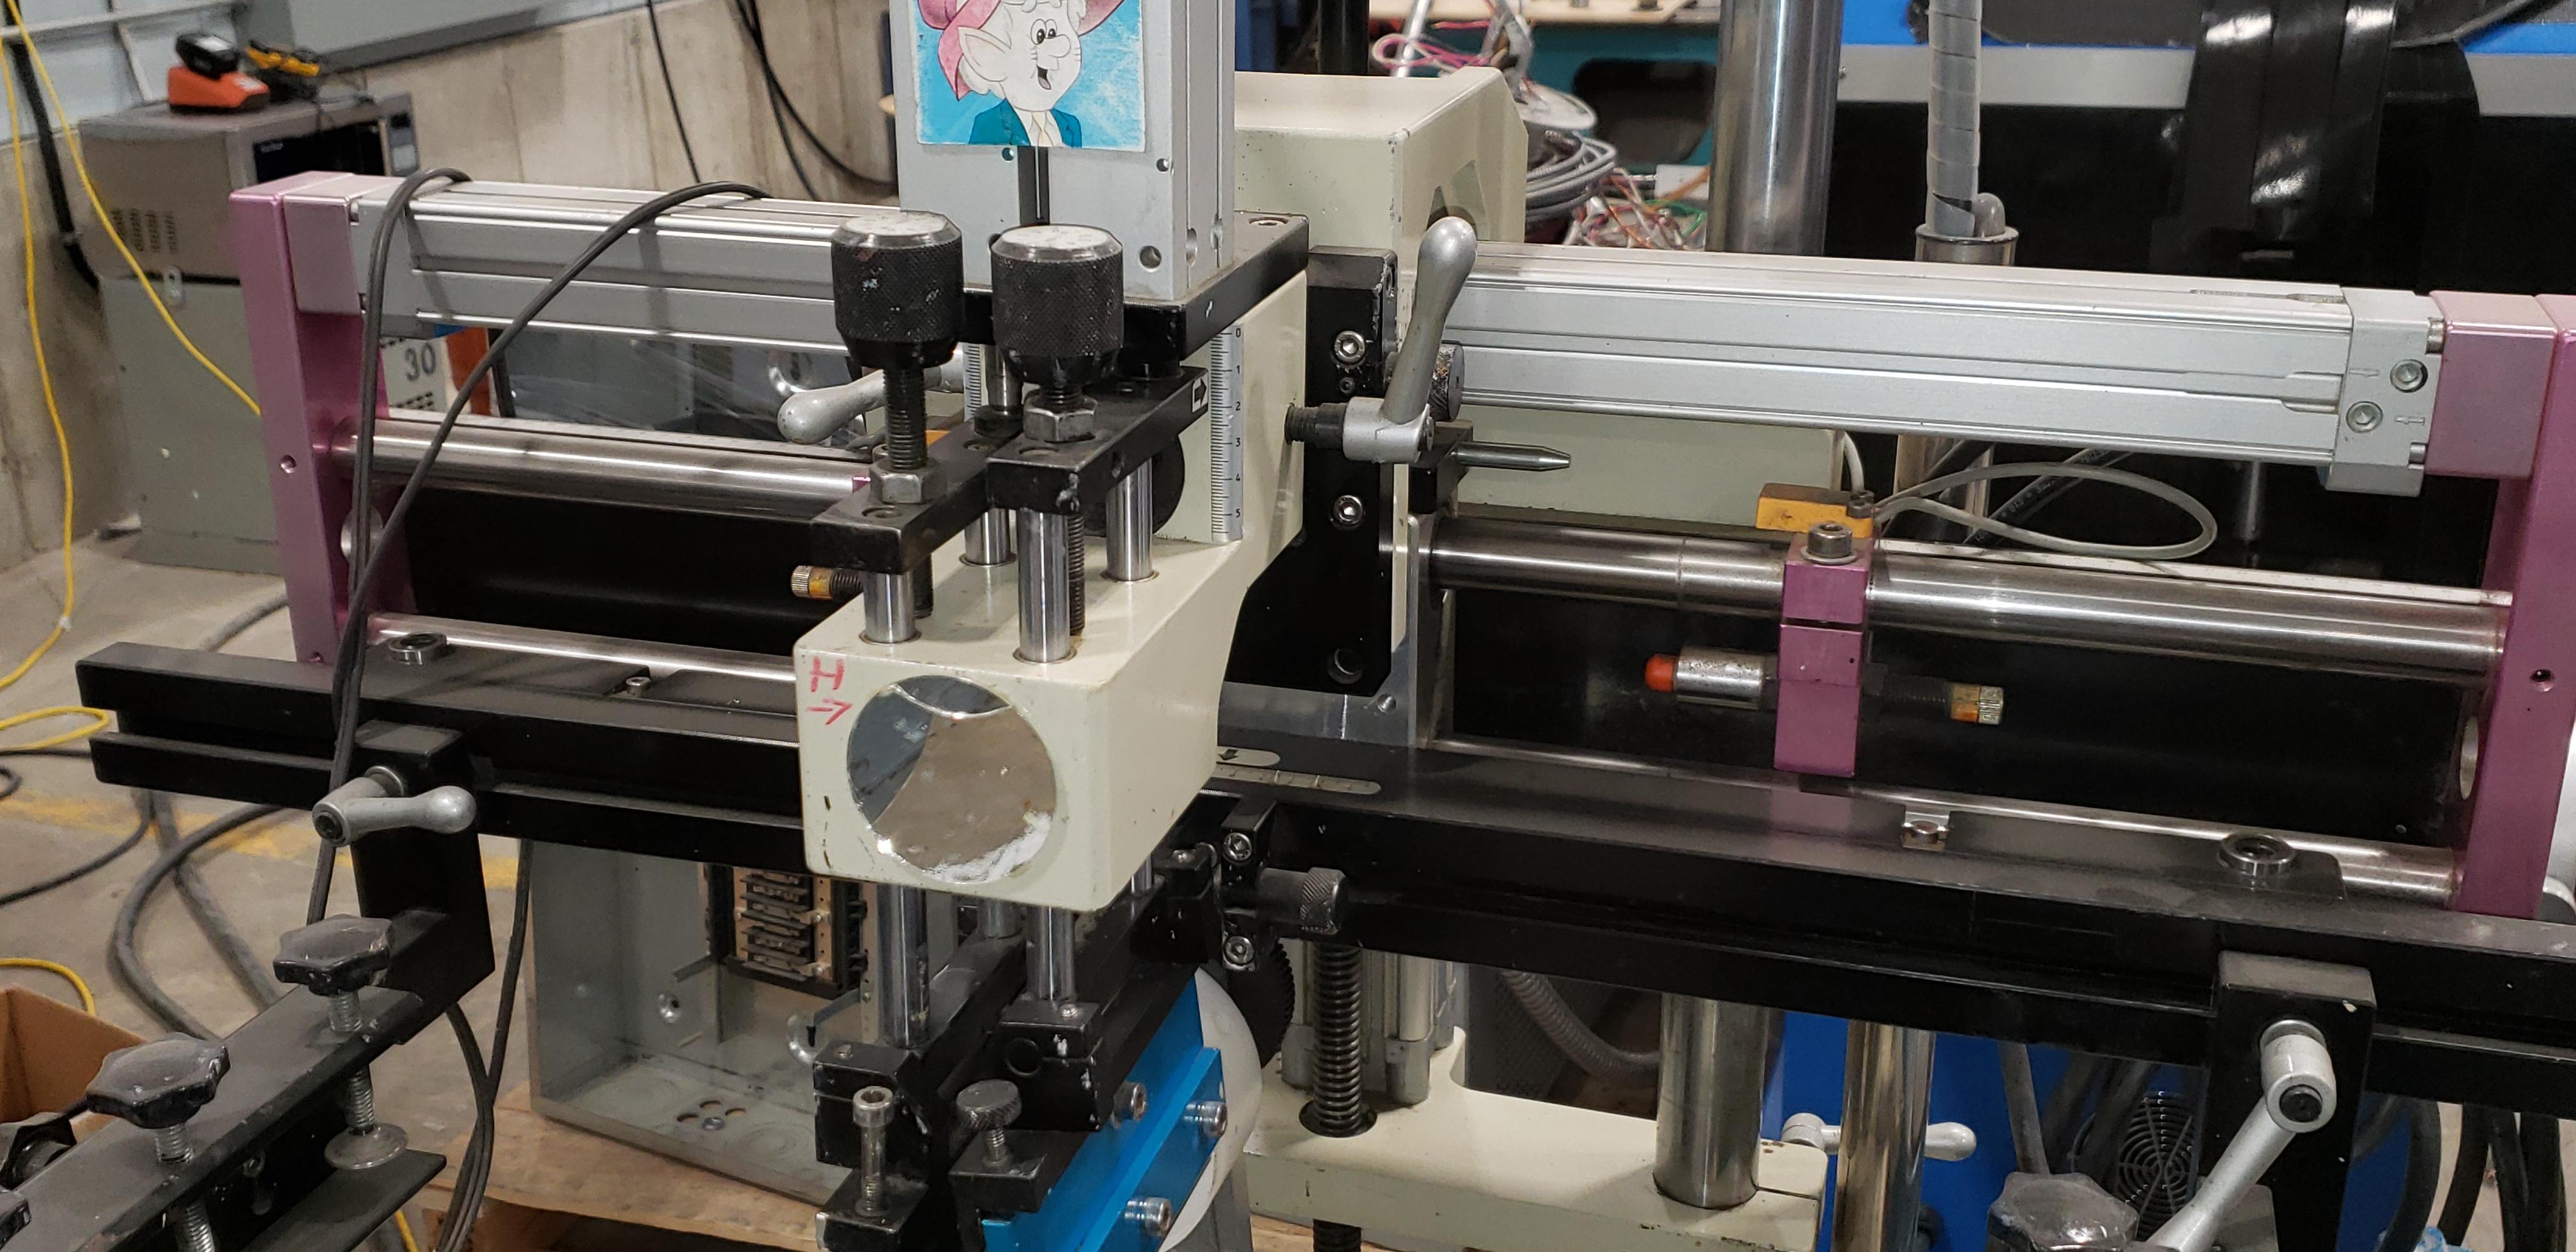 Silk Screen Printer for Bottles - Image 6 of 10